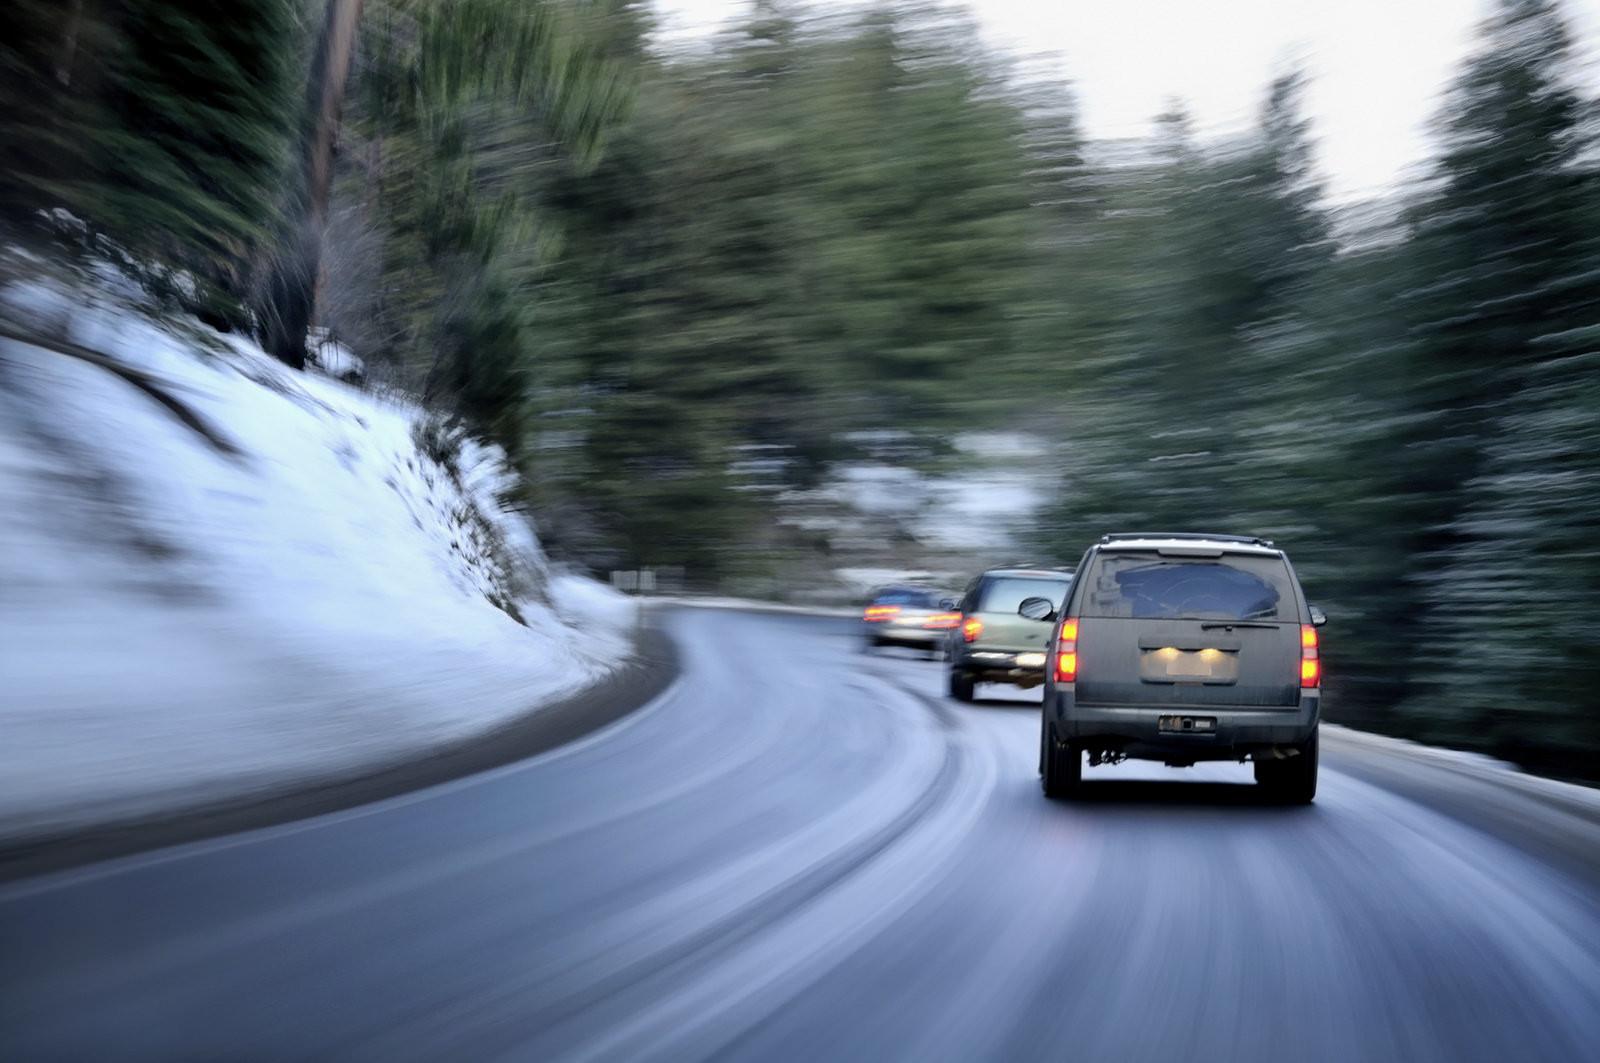 14 artículos sobre seguridad vial que te ayudarán a preparar tu viaje estas navidades